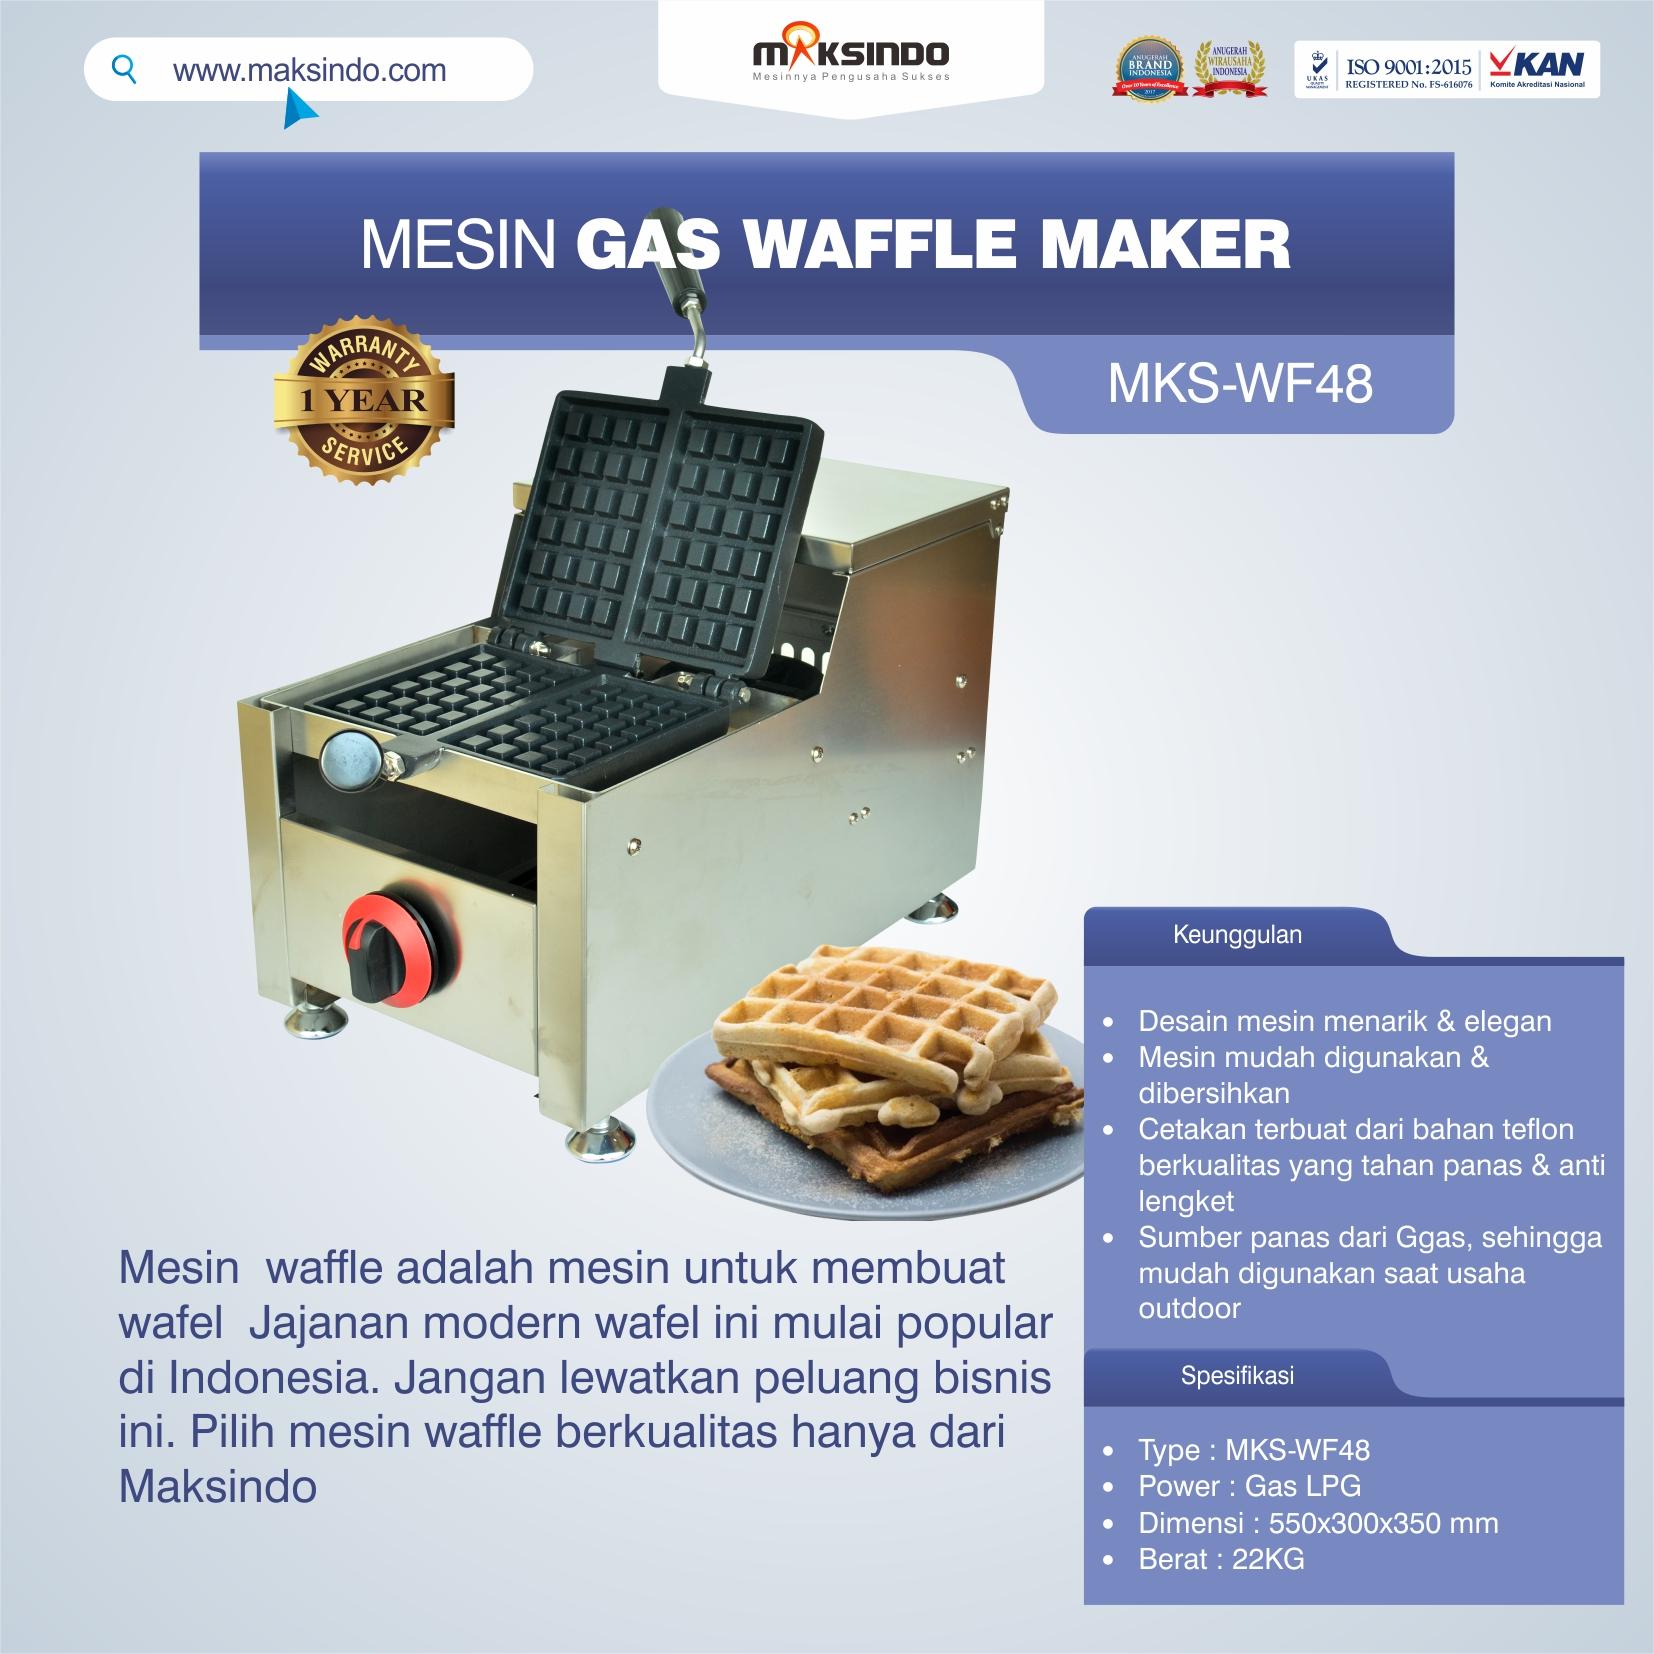 Jual Mesin Gas Waffle Maker MKS-WF48 di Semarang